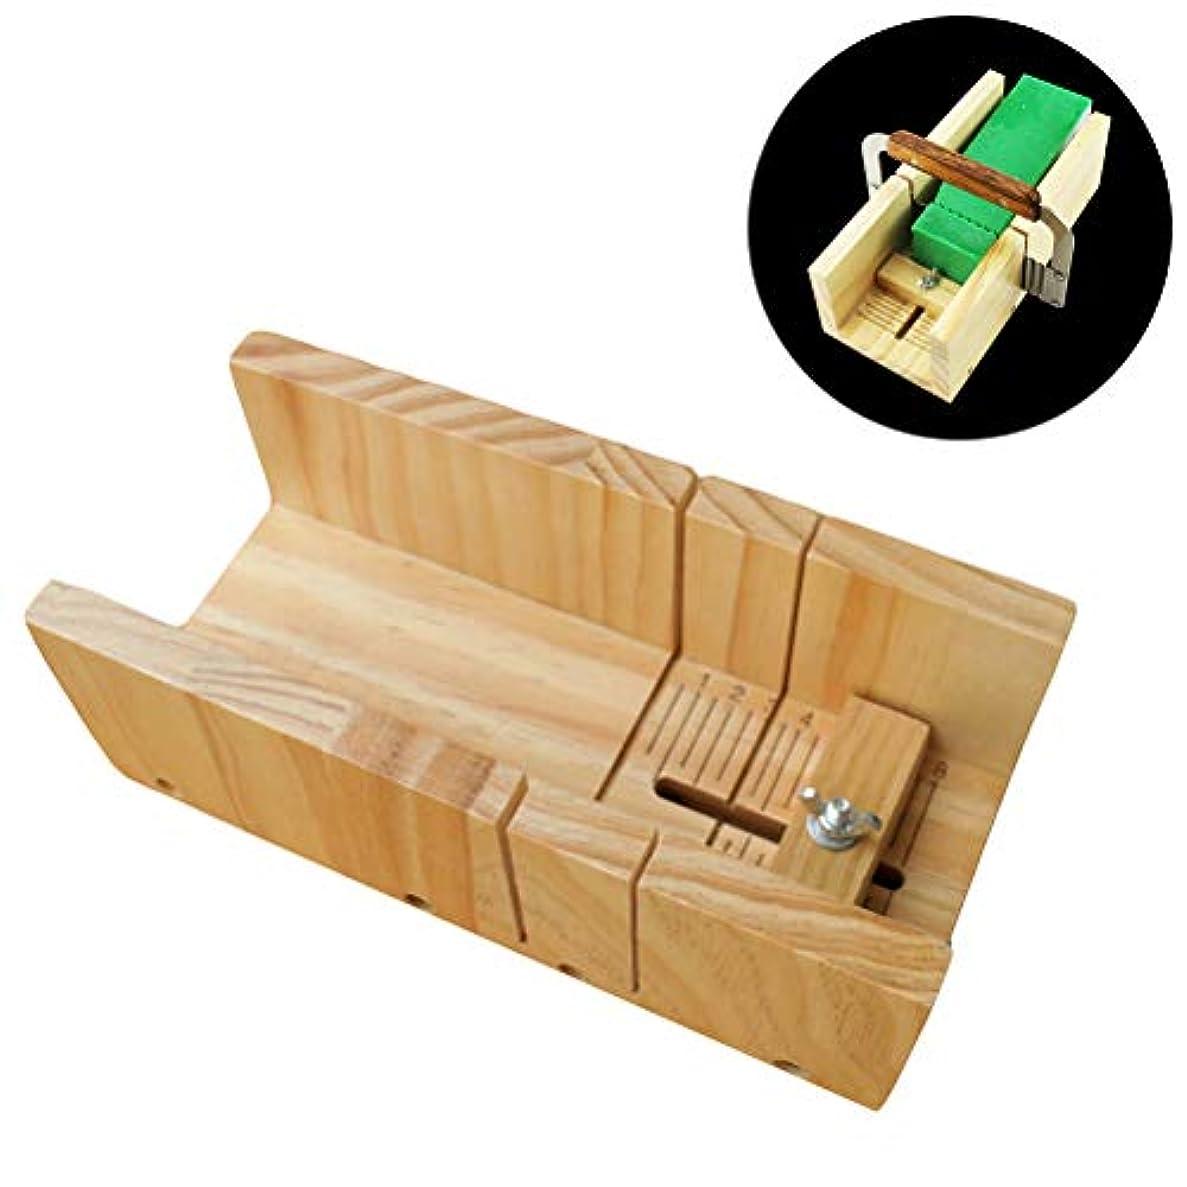 ぼかす中で混乱したHealifty 木製石鹸カッターモールド石鹸ロープモールド調節可能なカッターモールドボックス石鹸ツールを作る